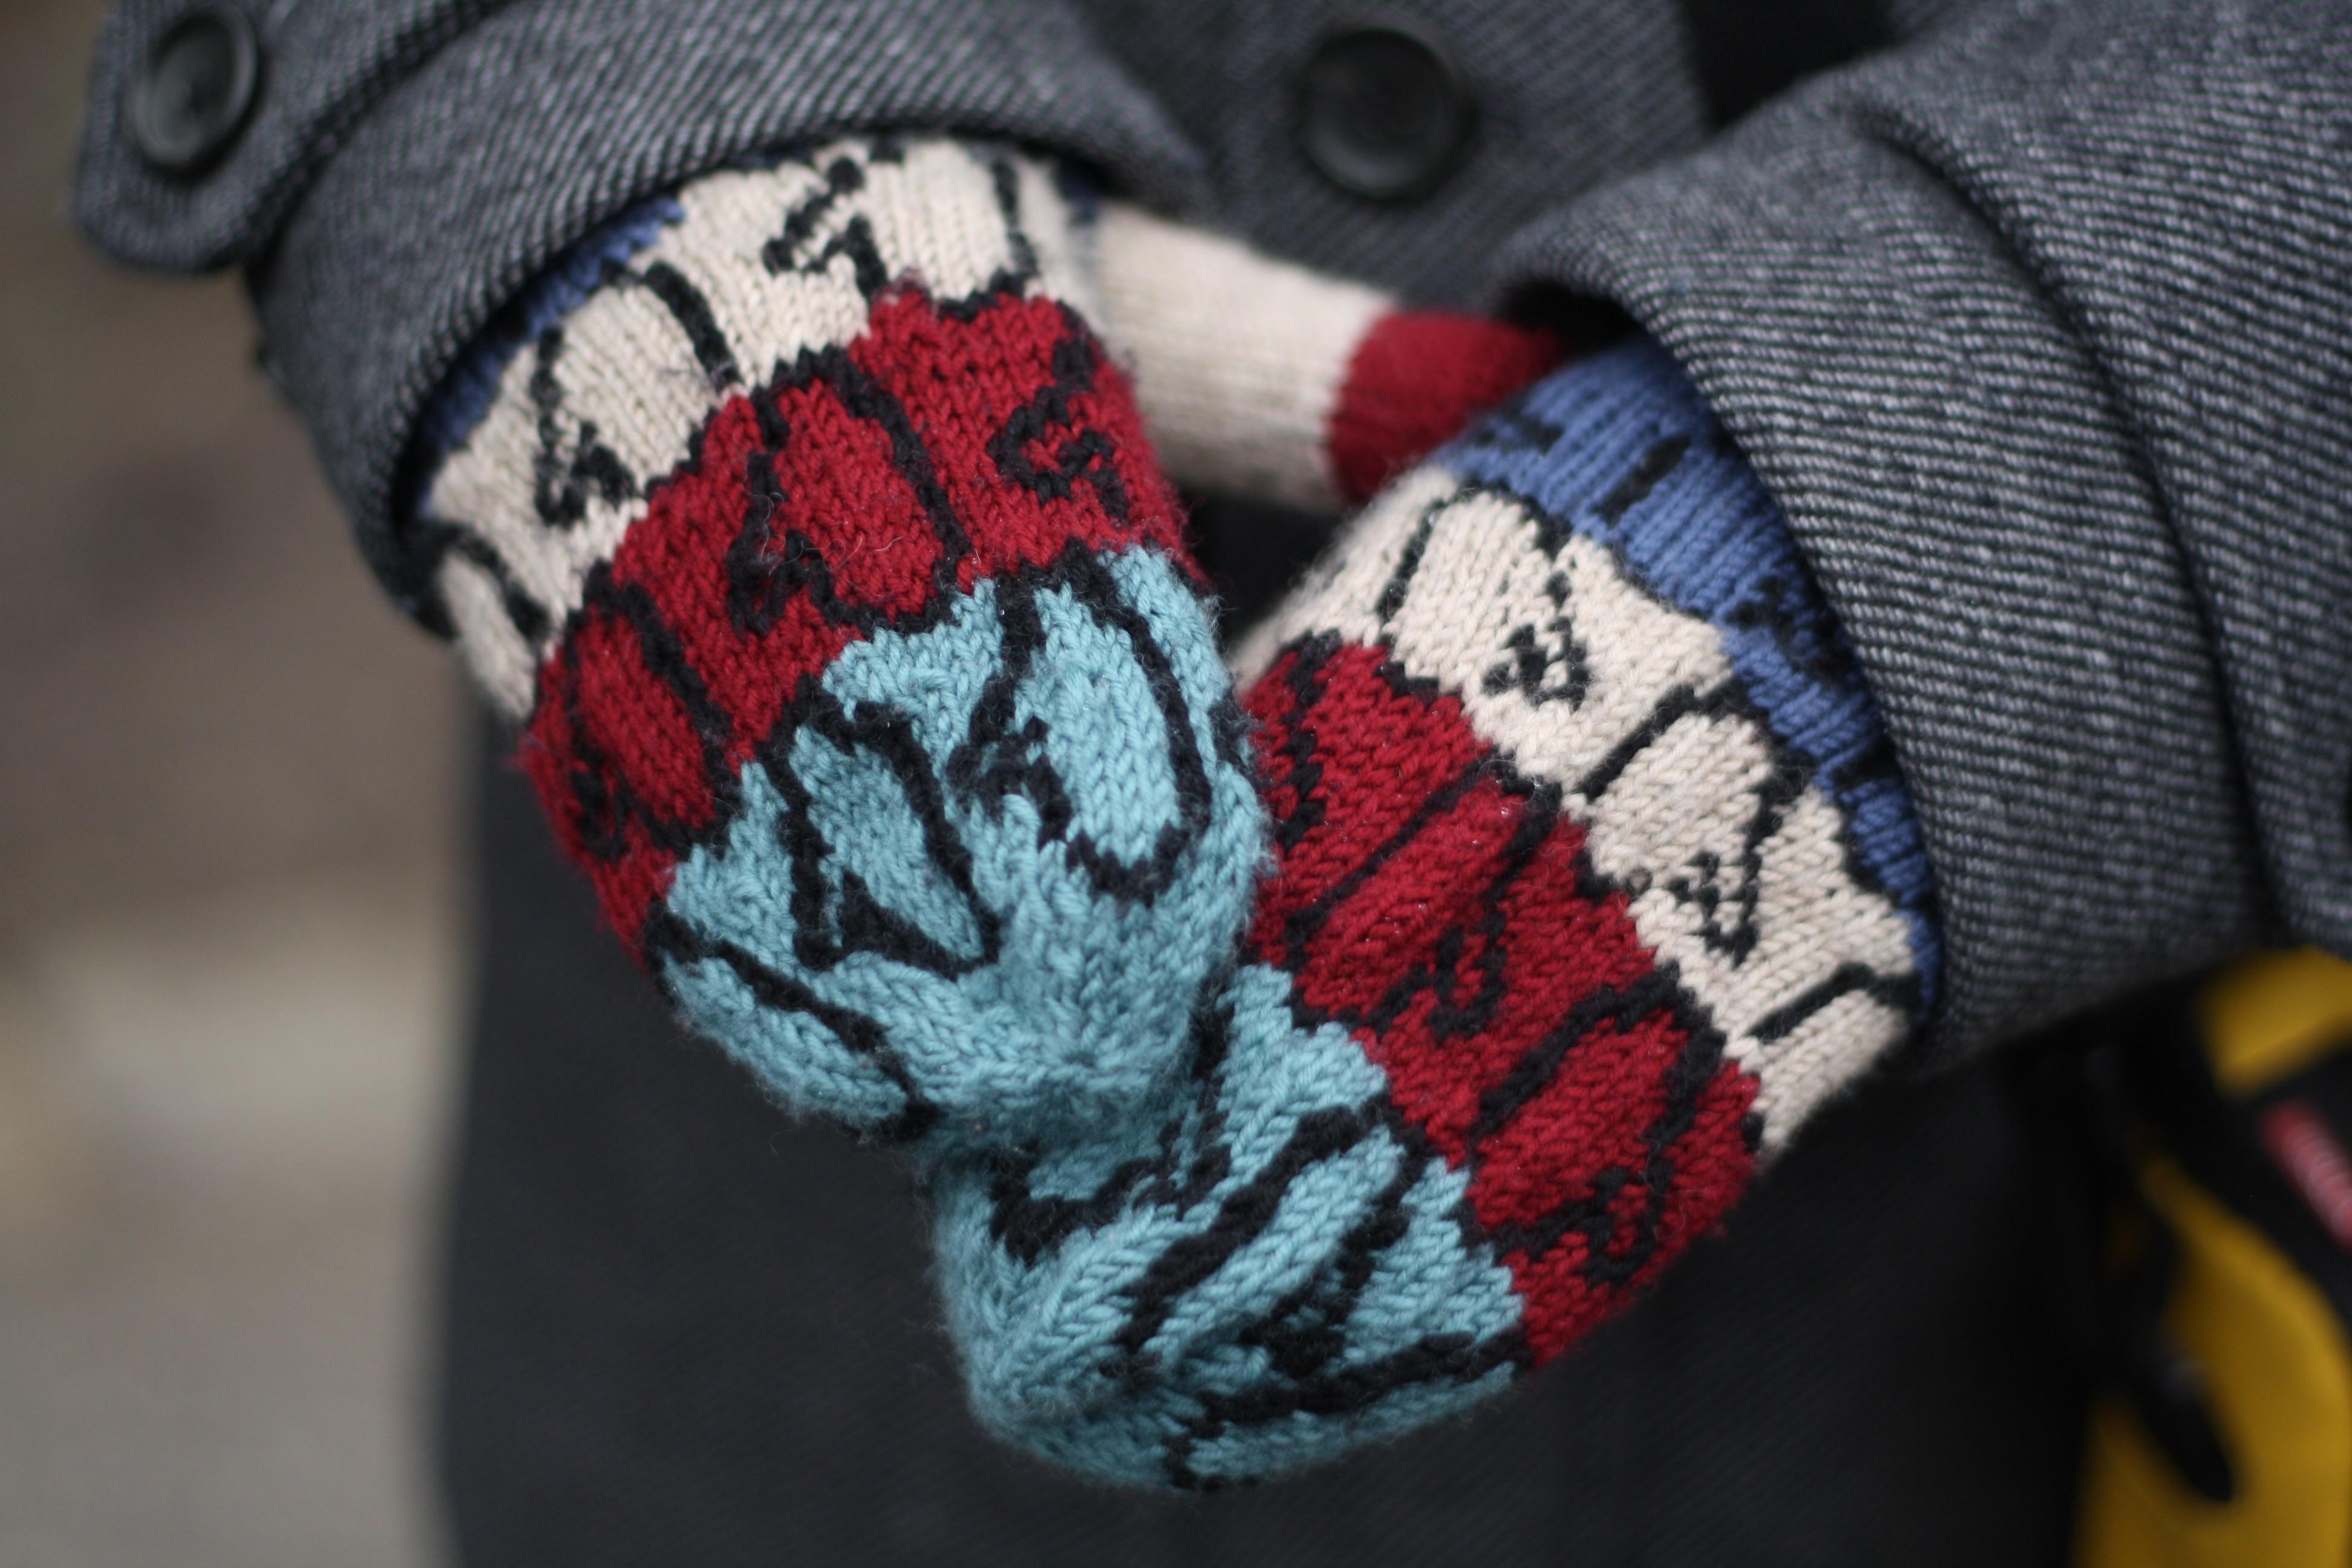 Colourwork mittens for men